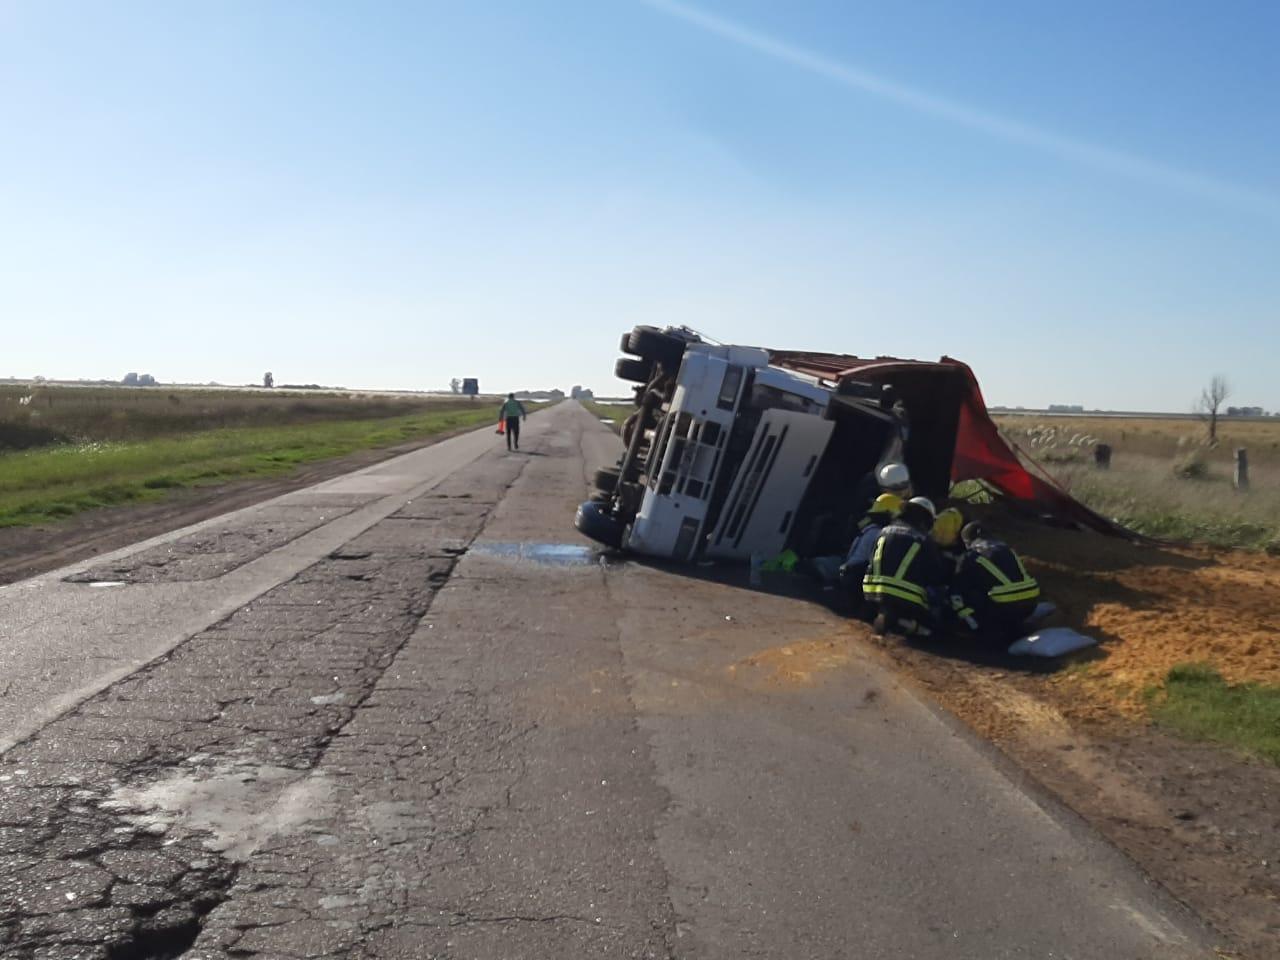 Accidente en Ruta 188: Un camionero que intentaba evitar los pozos del camino terminó volcando en la banquina